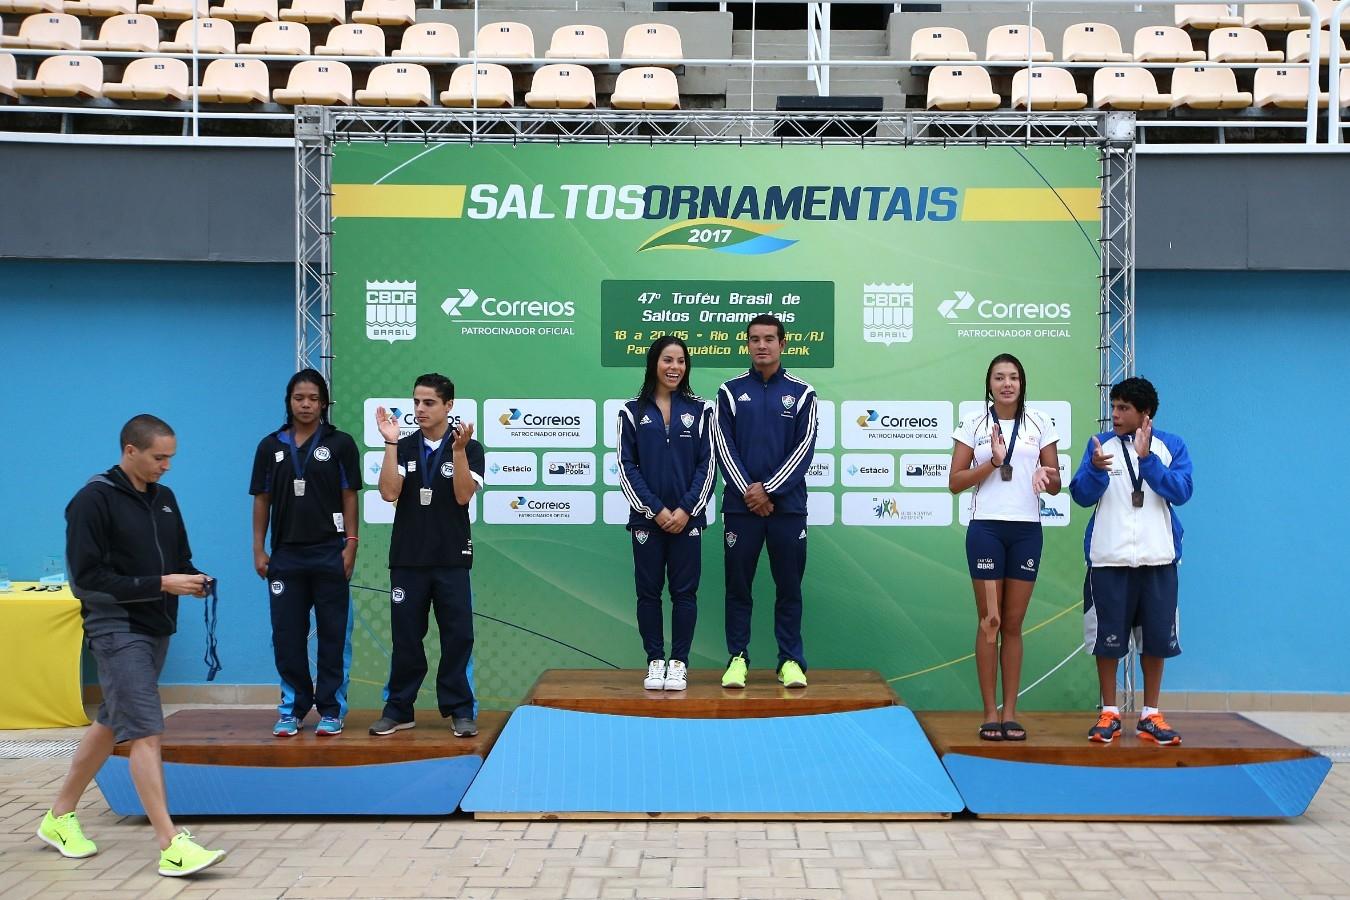 Equipe. Trofeu Brasil de Saltos Ornamentais. 18 de maio de 2017, Rio de Janeiro, RJ. Foto: Satiro Sodré/SSPress/CBDA